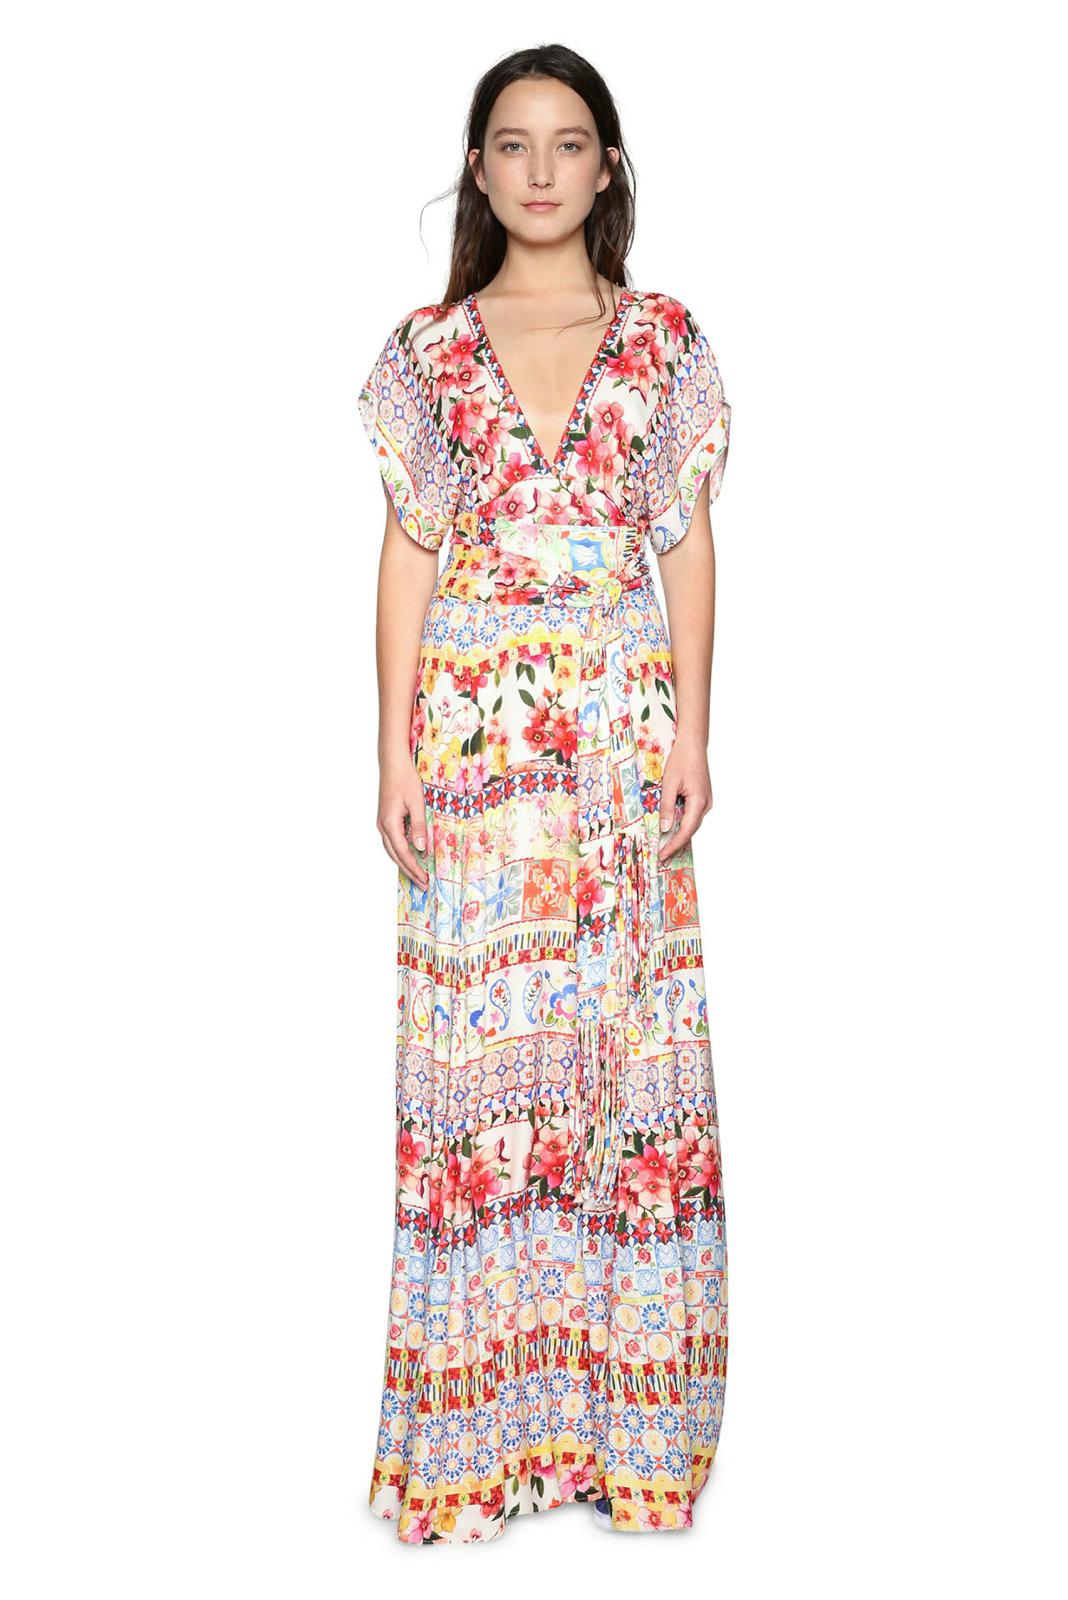 Desigual 8 Rrp Dress 18 Brigitte 36 Uk Beautiful Floral 46 Maxi n0OmN8wv